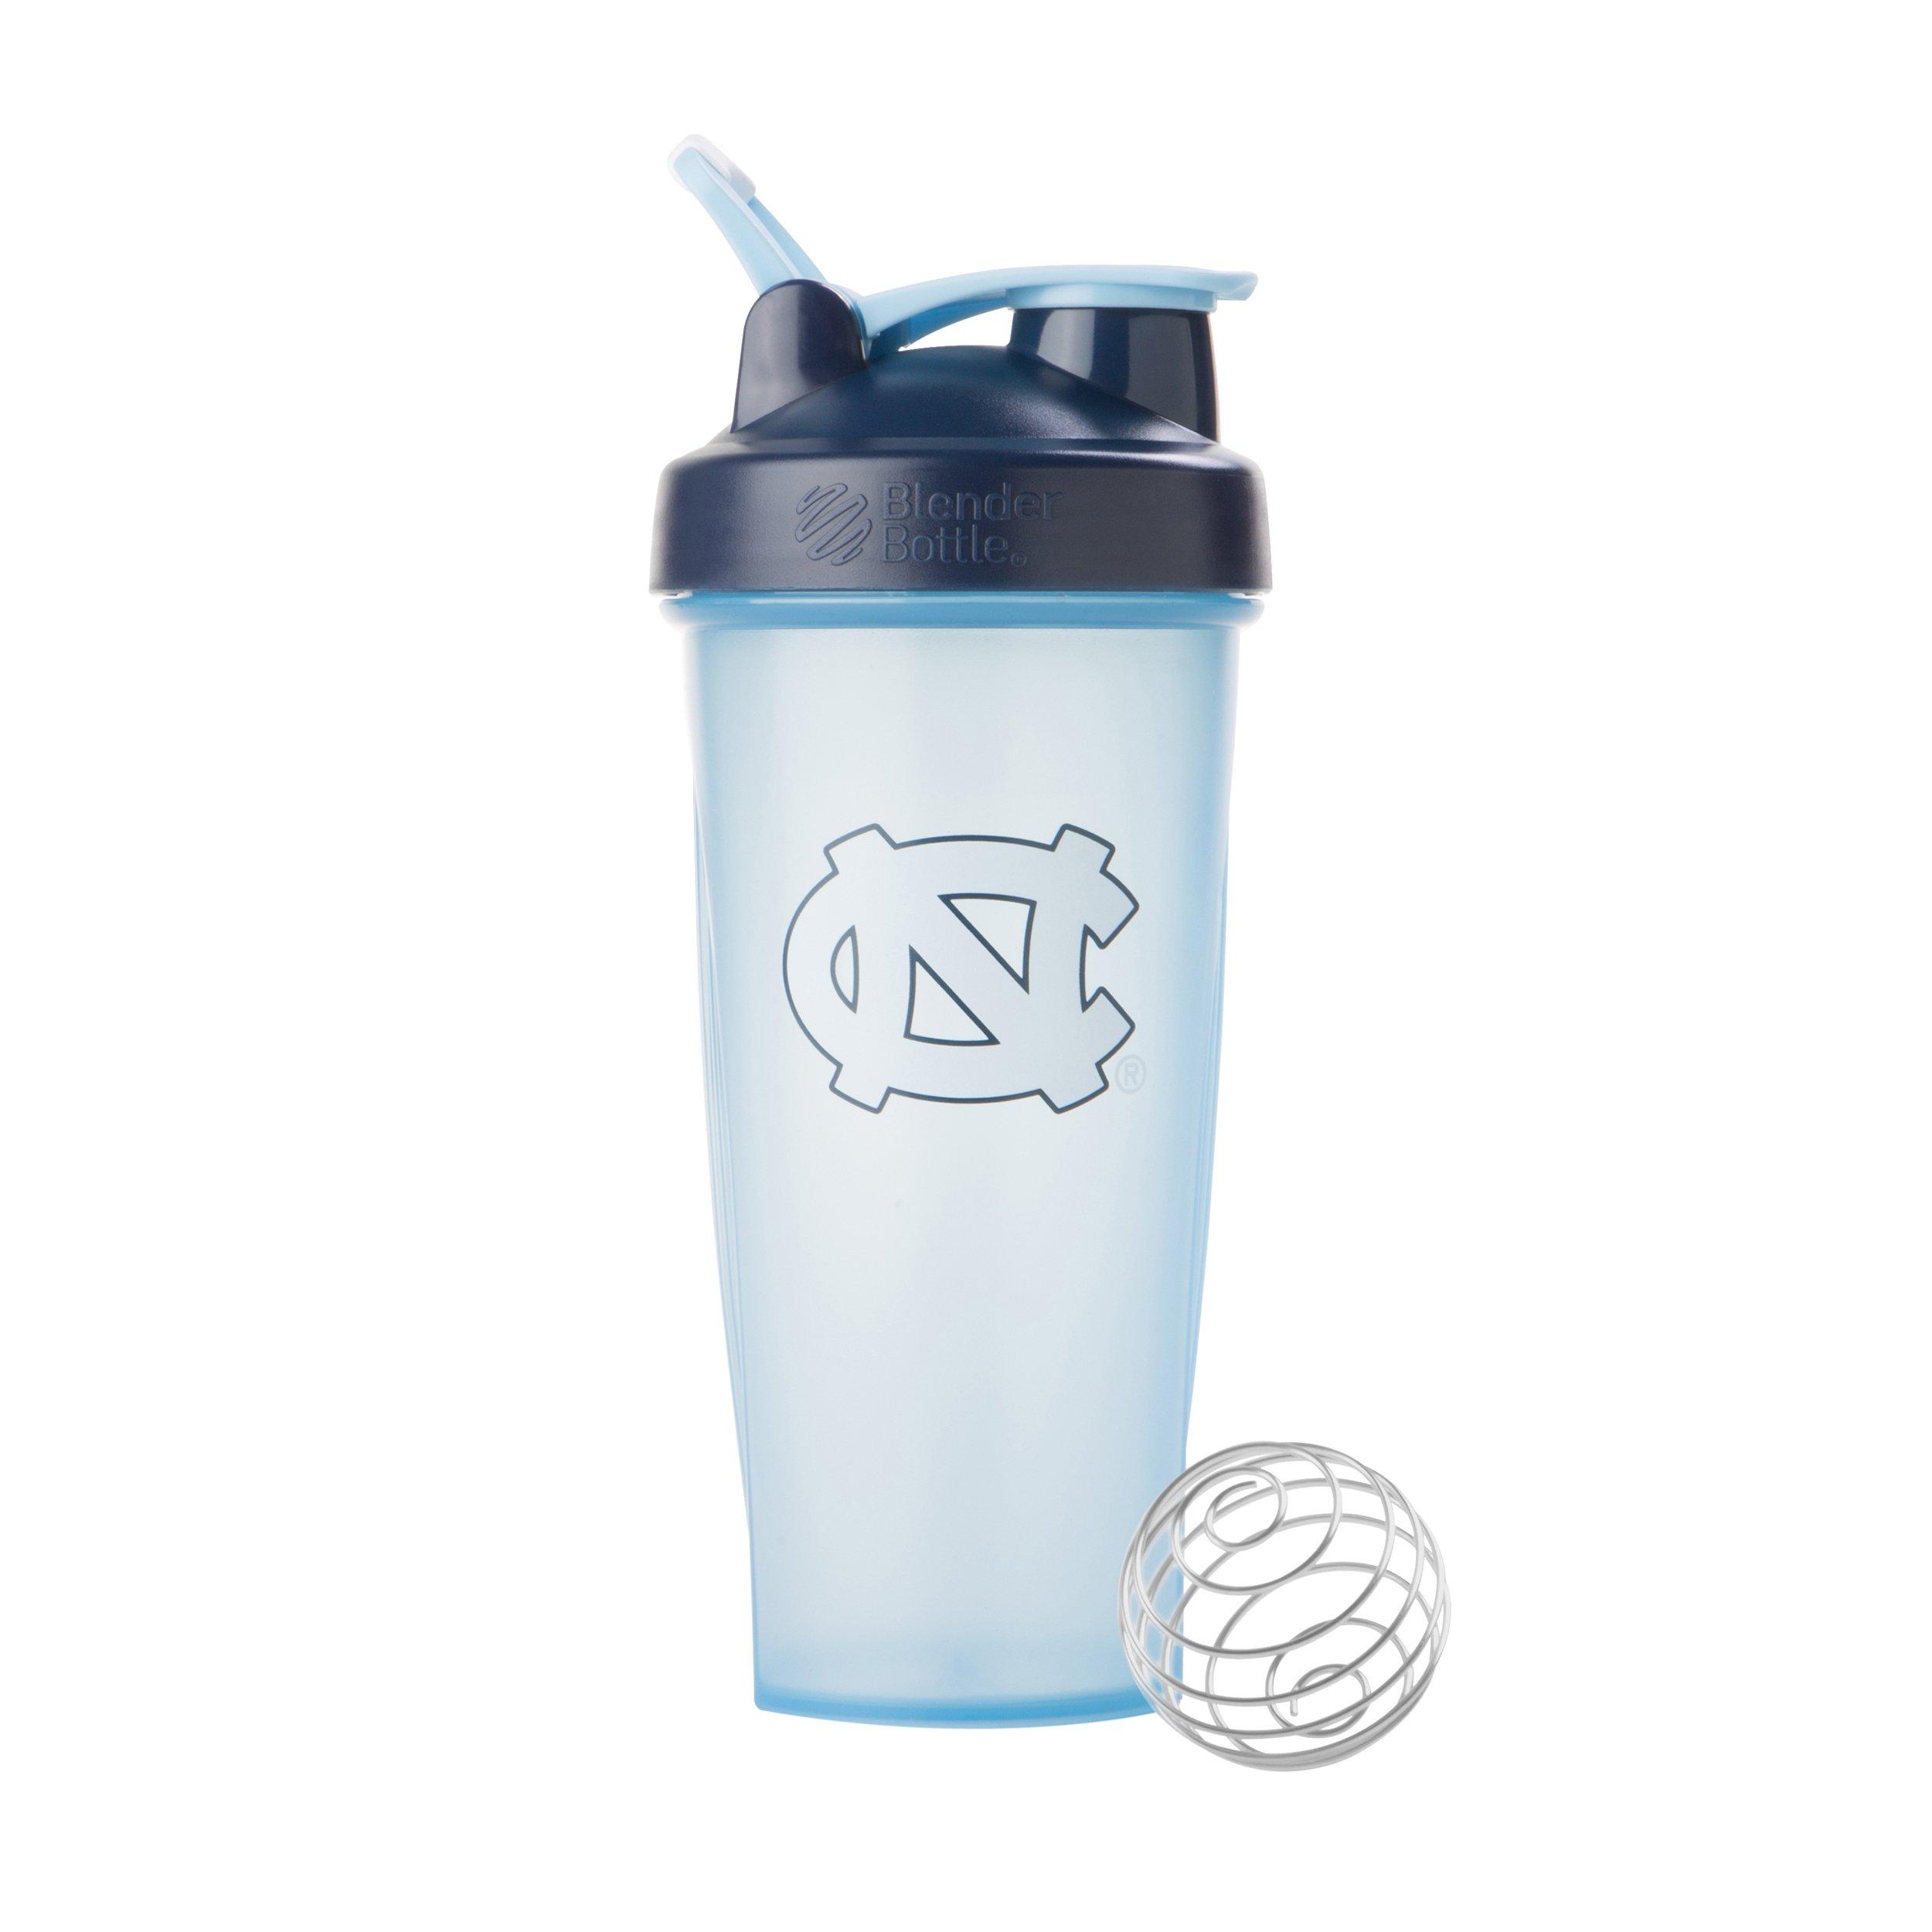 BlenderBottle Collegiate Classic 28-Ounce Shaker Bottle, University of North Carolina Tar Heels - Light Blue/Dark Blue